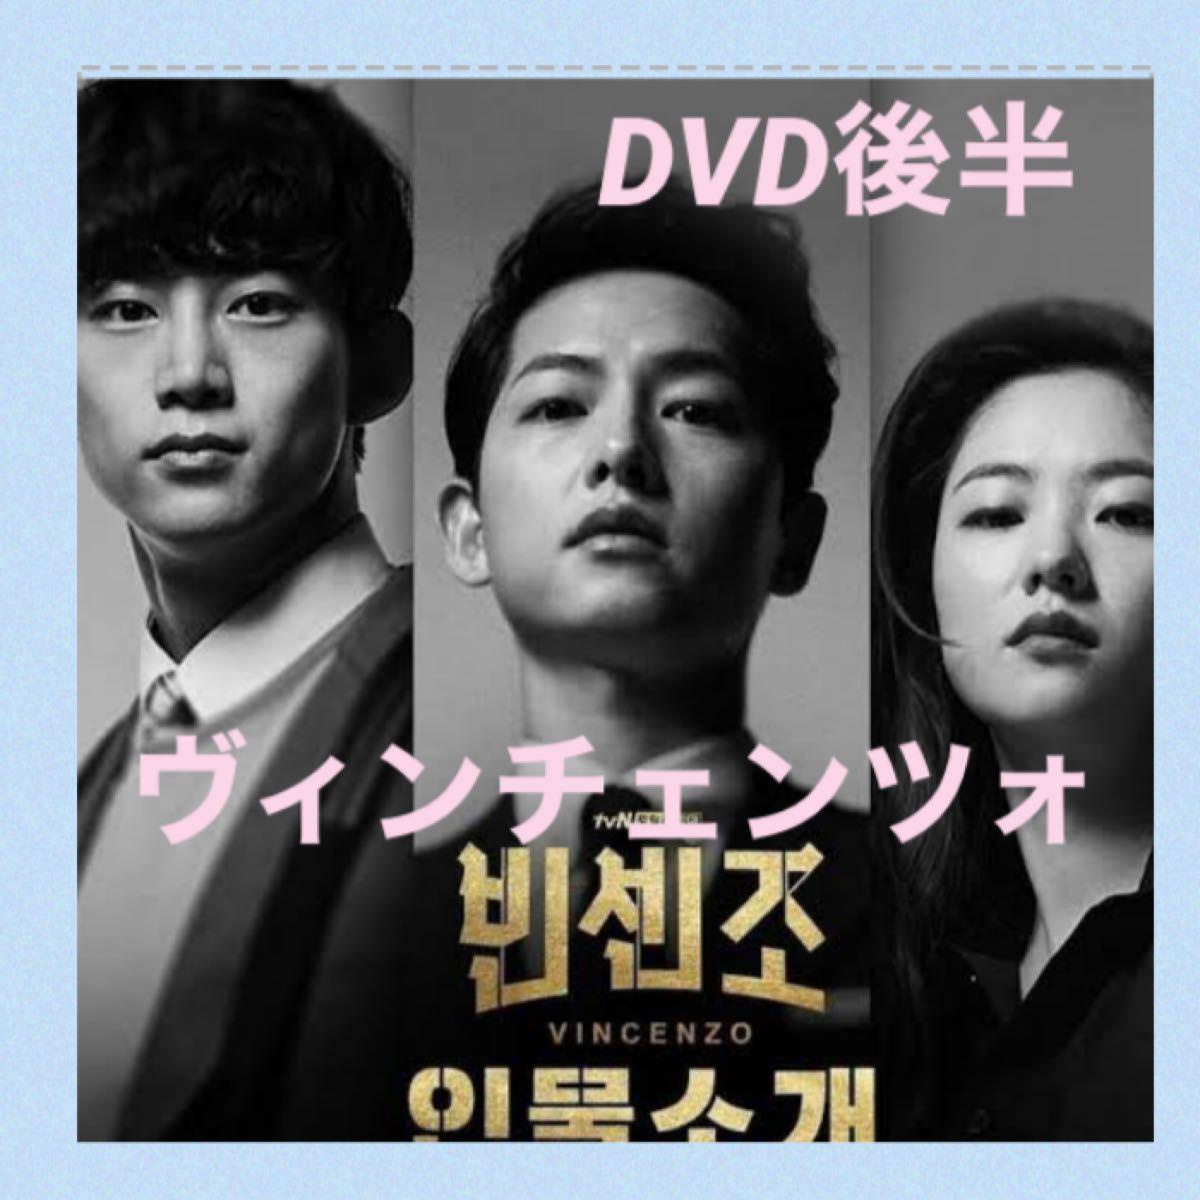 韓国ドラマ ヴィンチェンツォ DVD後半11話〜20話【レーベル印刷あり】